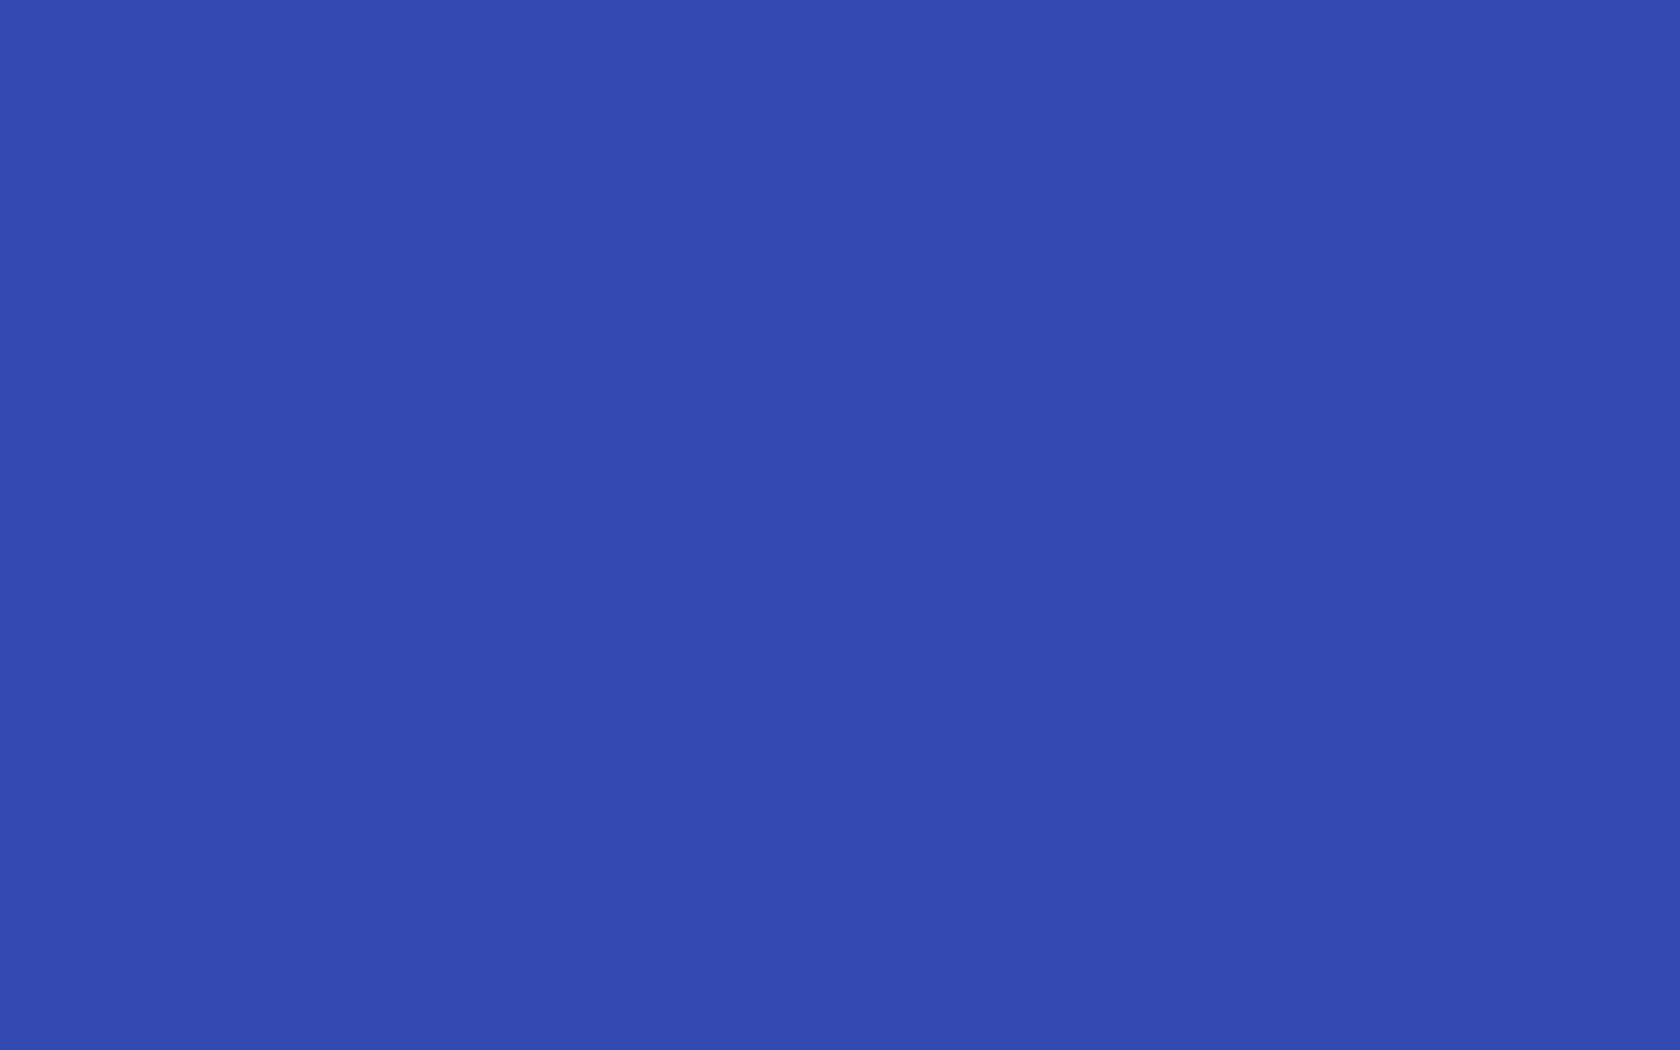 1680x1050 Violet-blue Solid Color Background